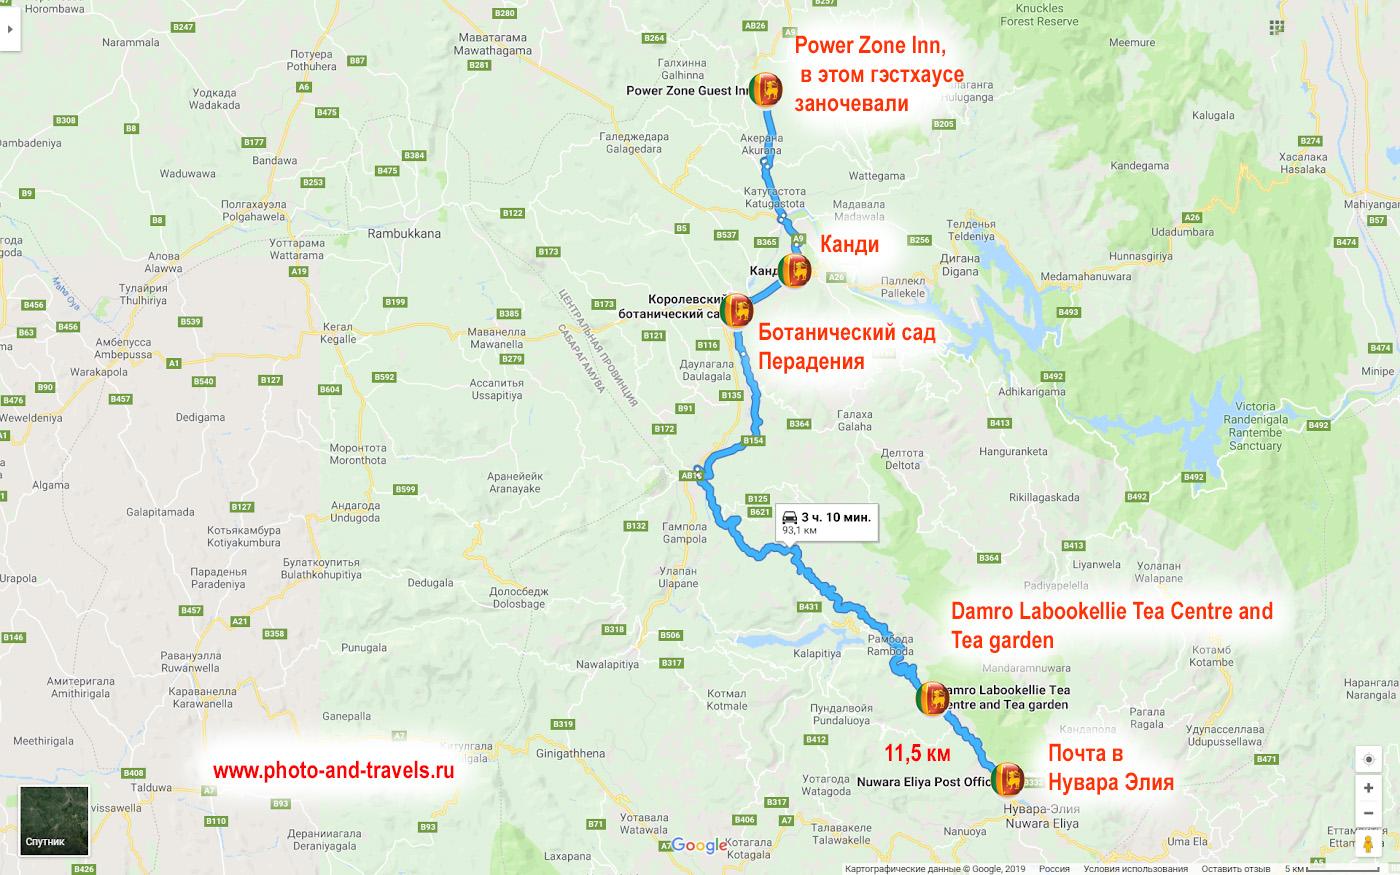 """Карта со схемой расположения чайных плантаций """"Damro Labookellie Tea Centre"""" около Nuwara Eliya, ботанического сада Перадения, Канди и гэстхауса, где мы заночевали перед поездкой в Сигирию."""